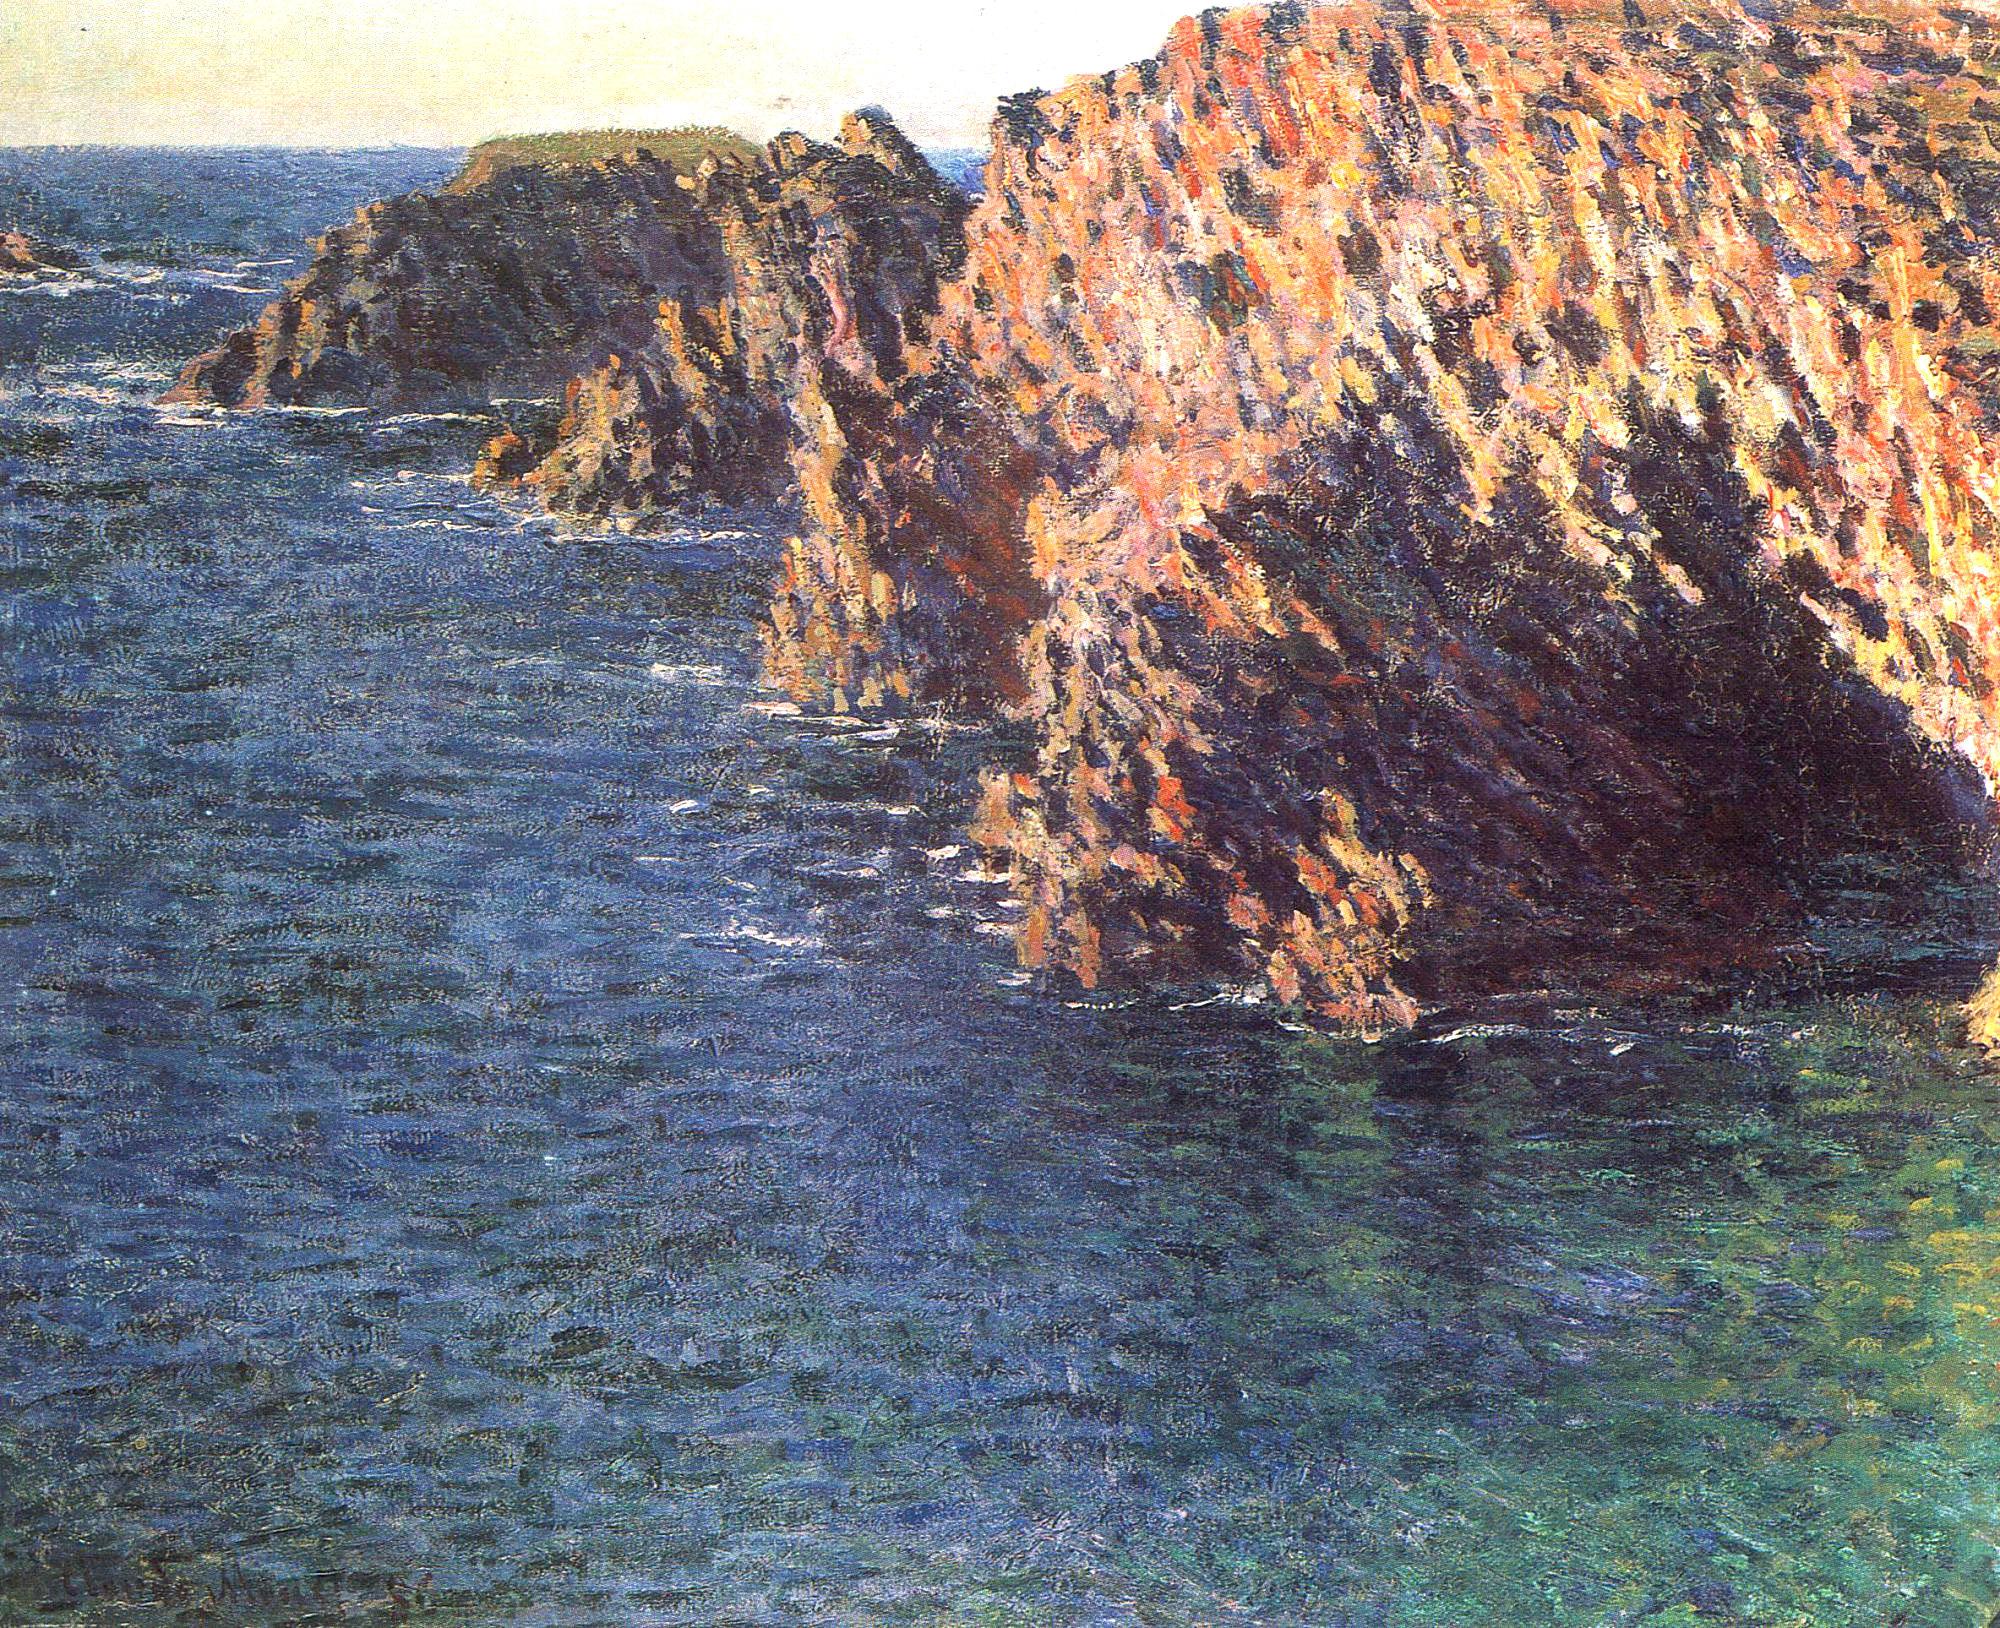 скалы и море < Грот Порт-Домуа >:: Клод Моне, описание картины - Моне Клод (Claude Monet) фото